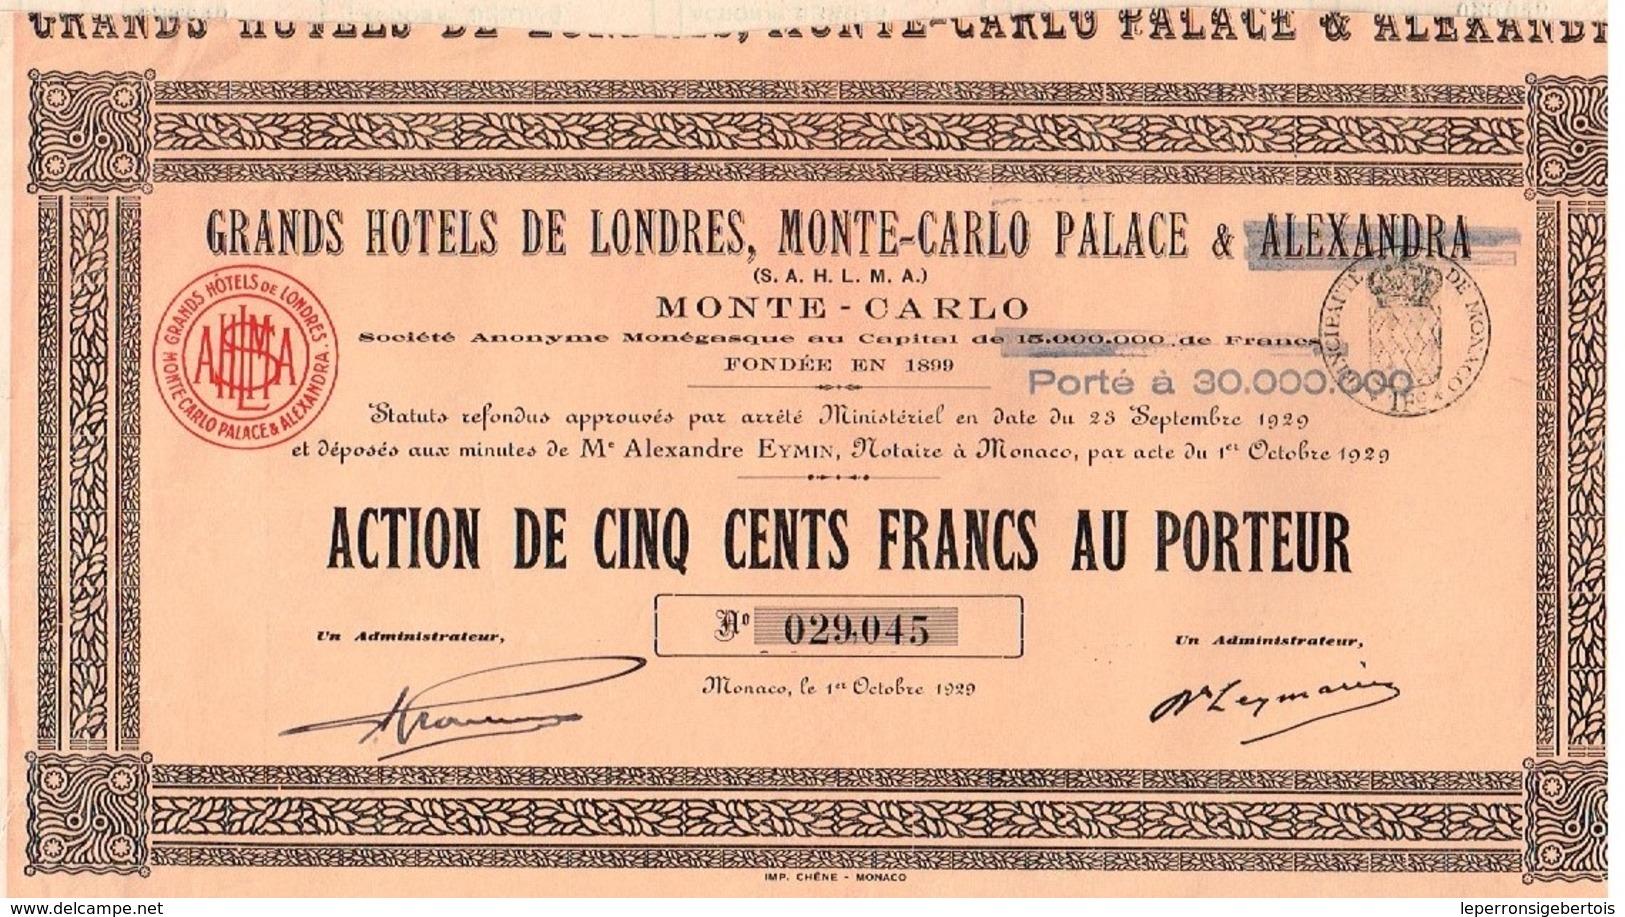 Action Ancienne - Grands Hotels De Londres, Monte-Carlo Palace & Alexandra - Titre De 1929 - - Tourisme